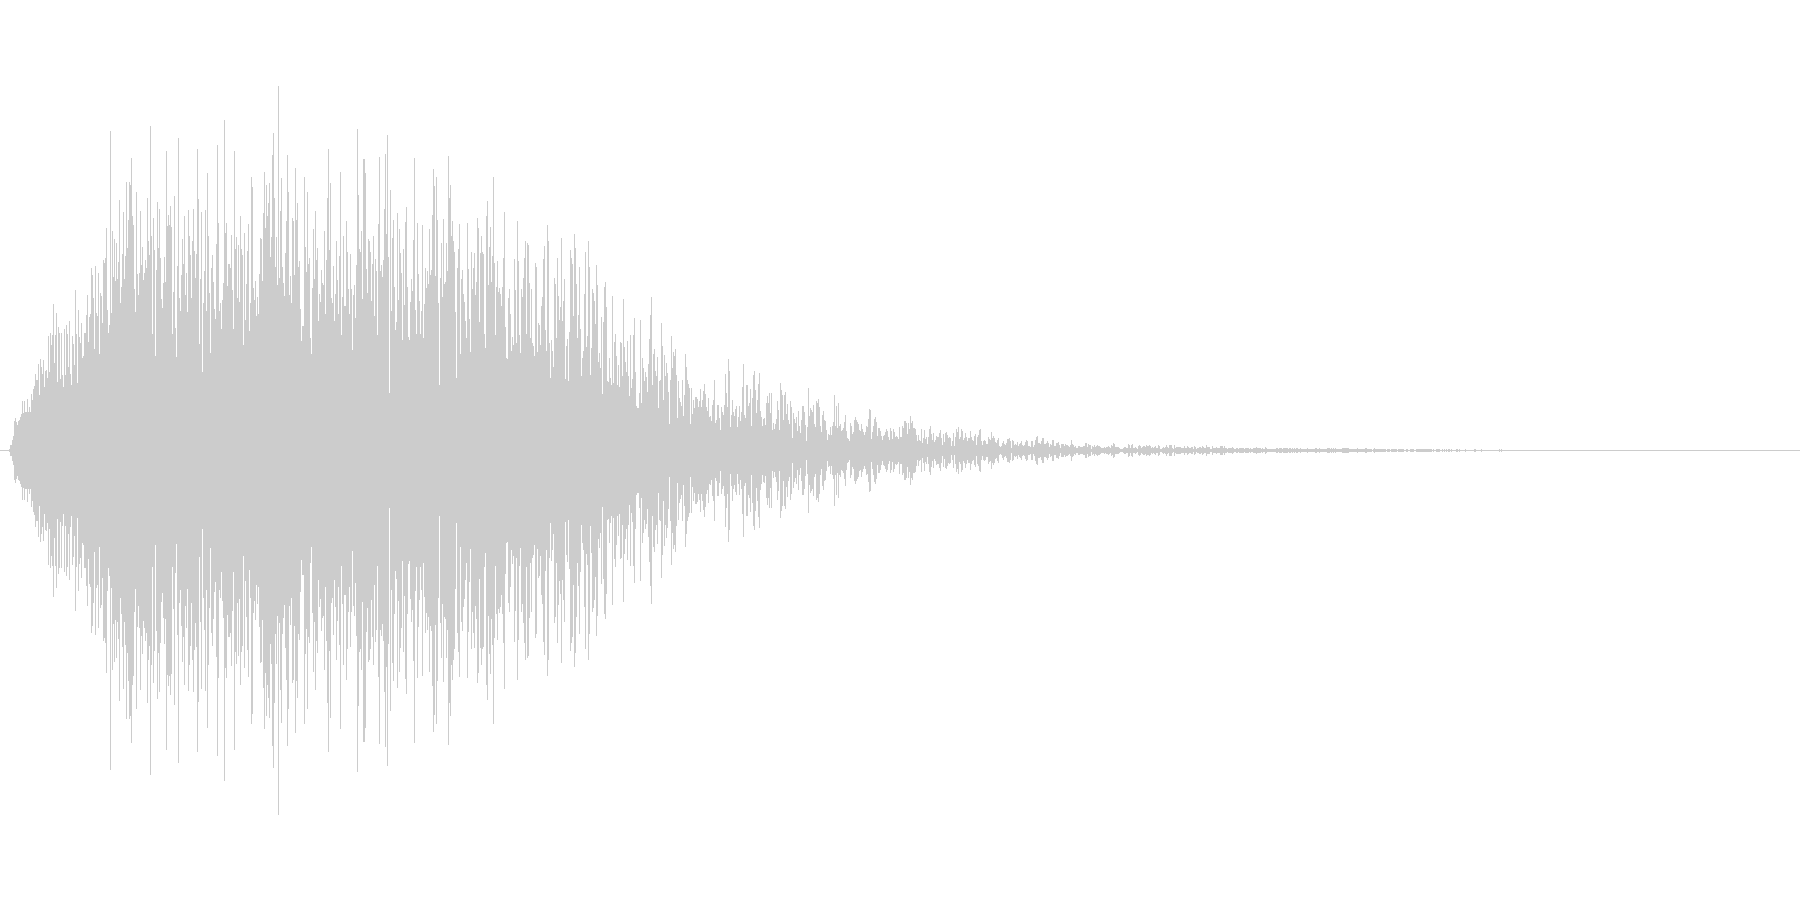 キャンセル音などの未再生の波形